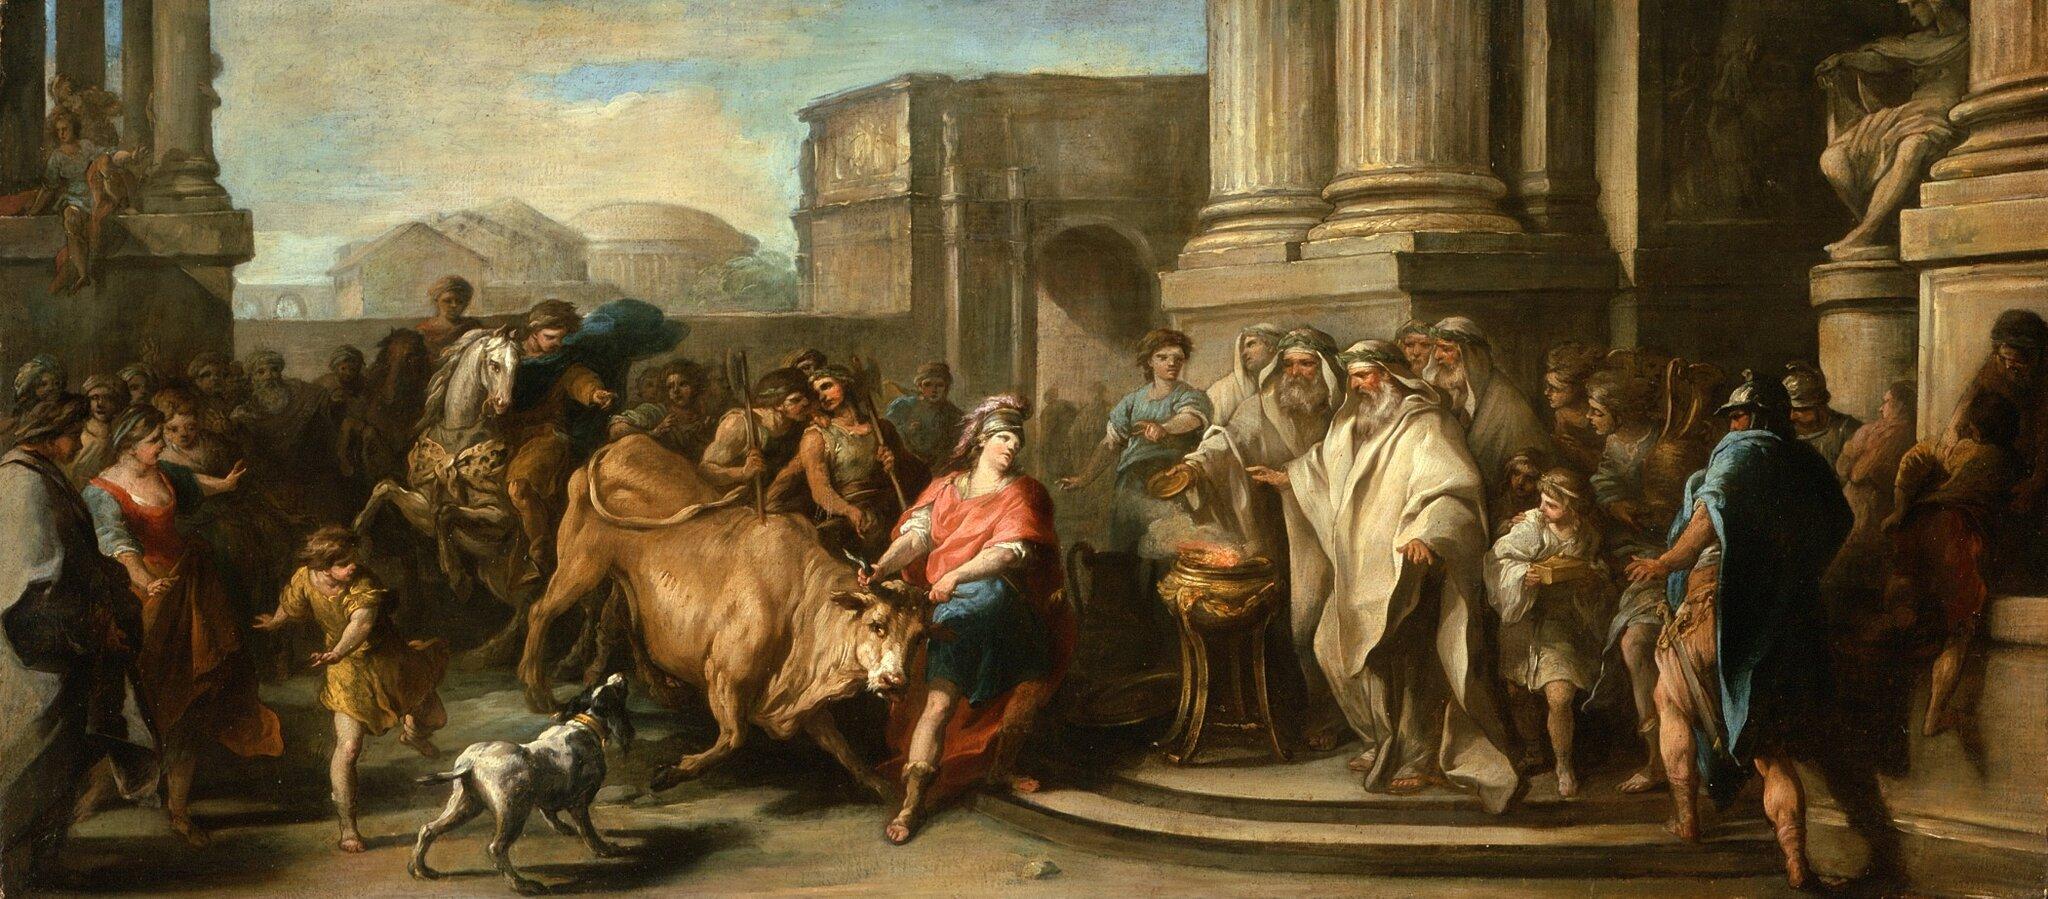 Tezeusz ujarzmiający maratońskiego byka Źródło: Charles-André Vanloo, Tezeusz ujarzmiający maratońskiego byka, ok. 1730, olej na płótnie, Los Angeles County Museum of Art, domena publiczna.